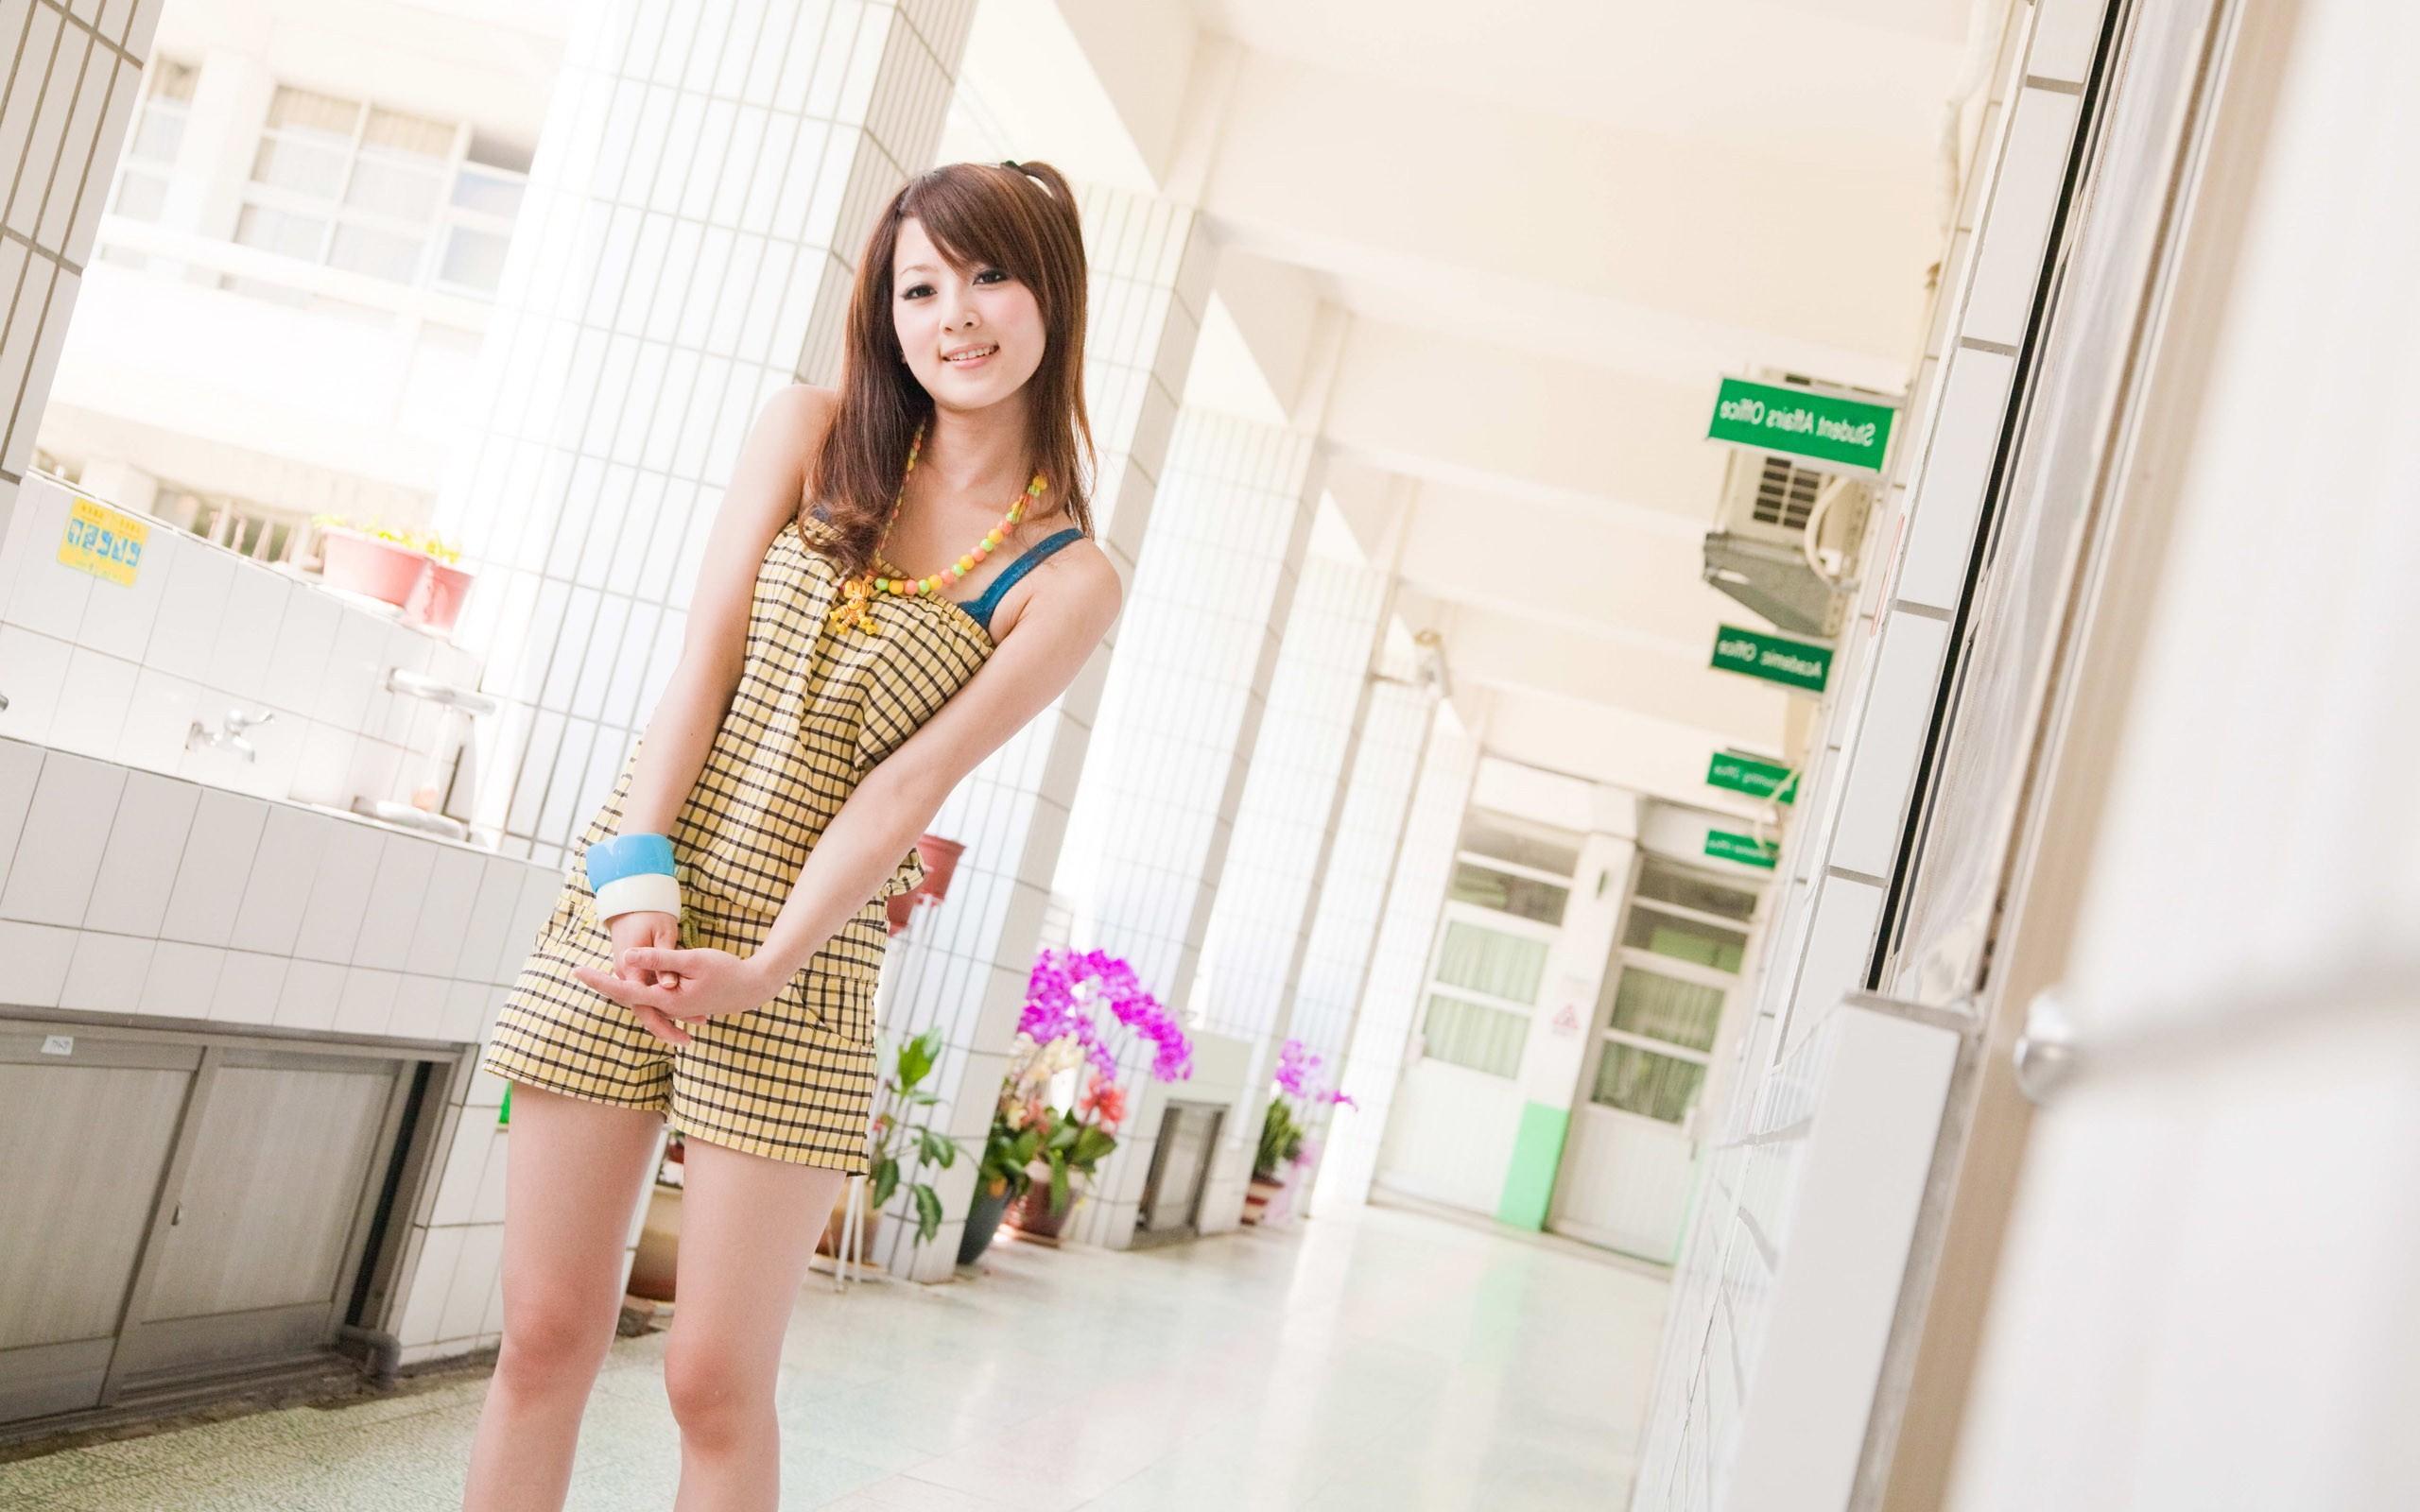 Mikako Zhang Wallpaper 6844472 2560x1600